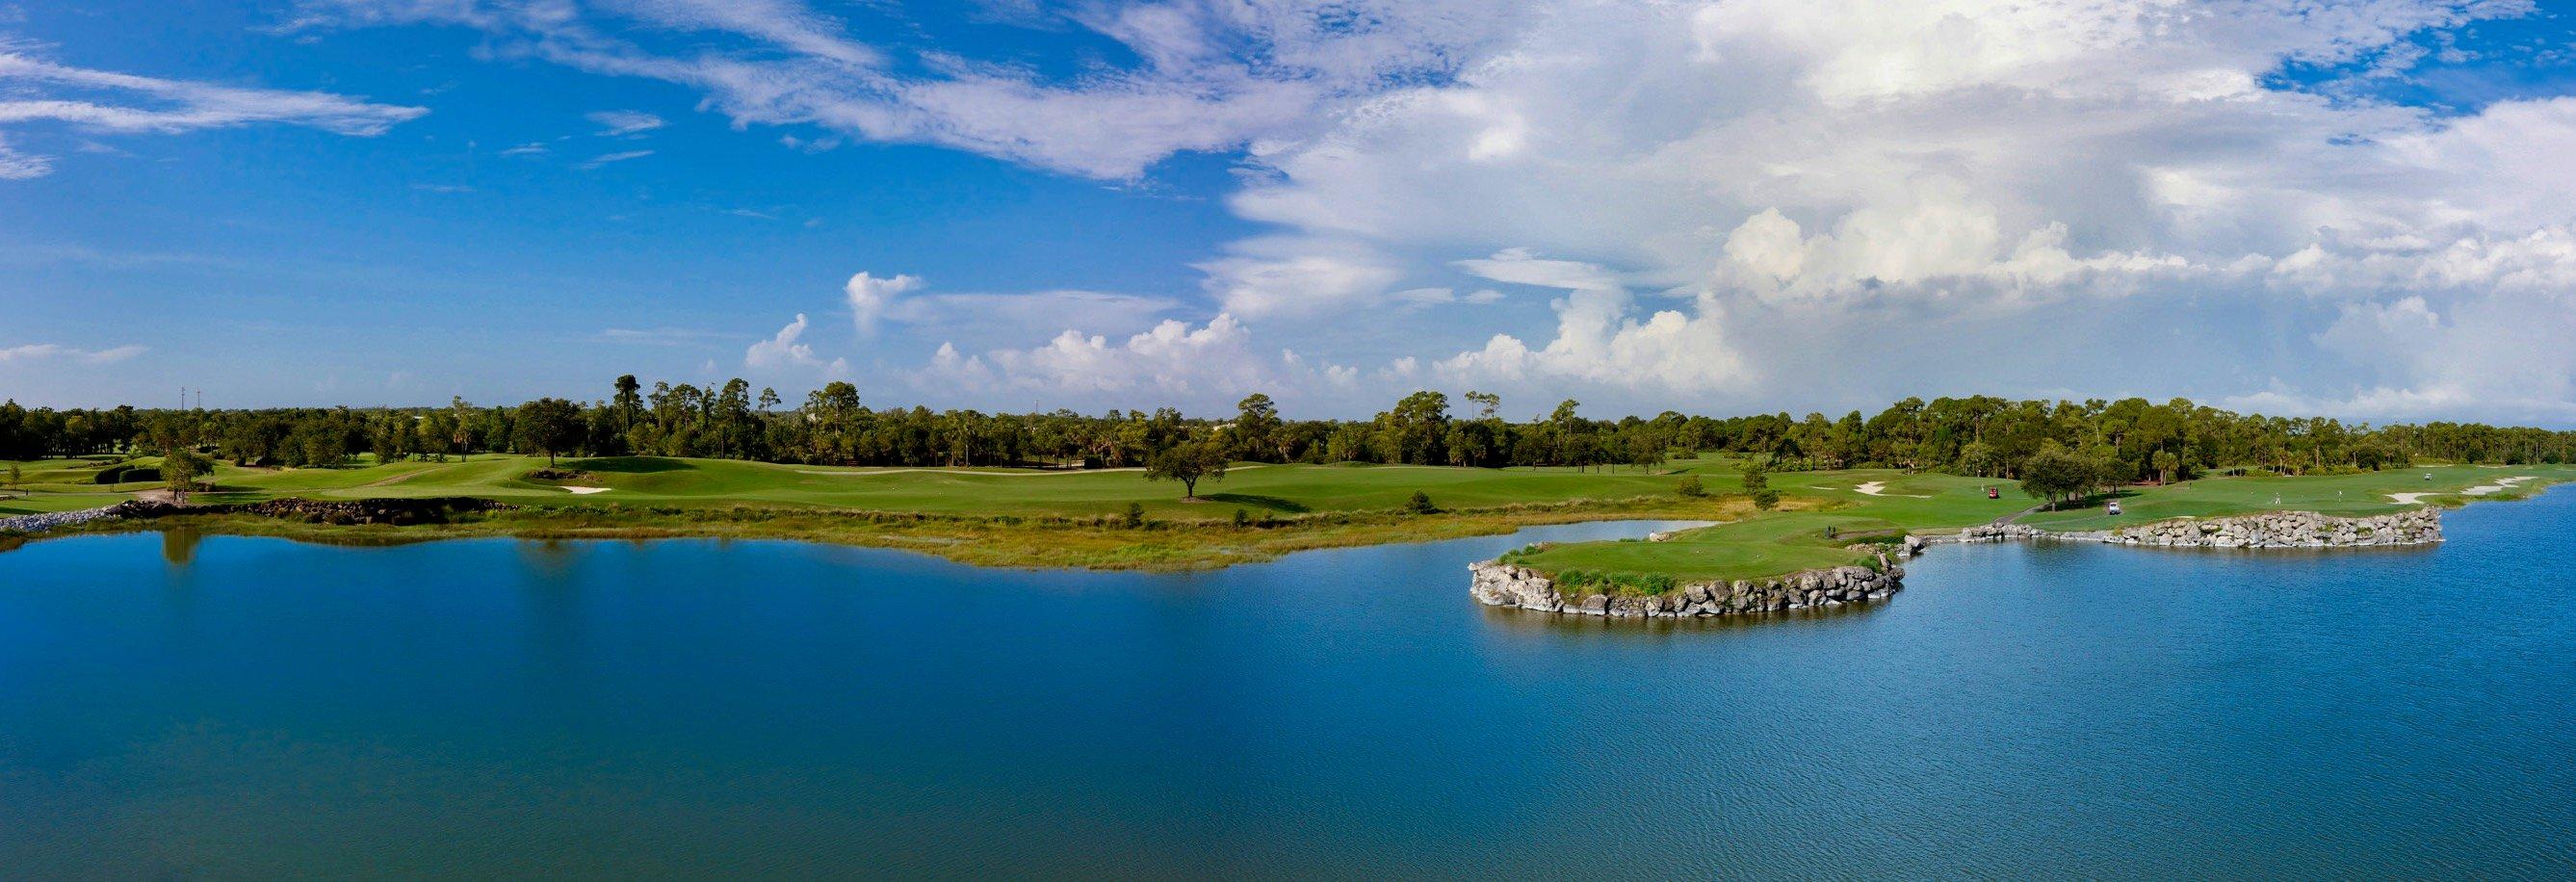 Lake Golf Course Views NDNS 2